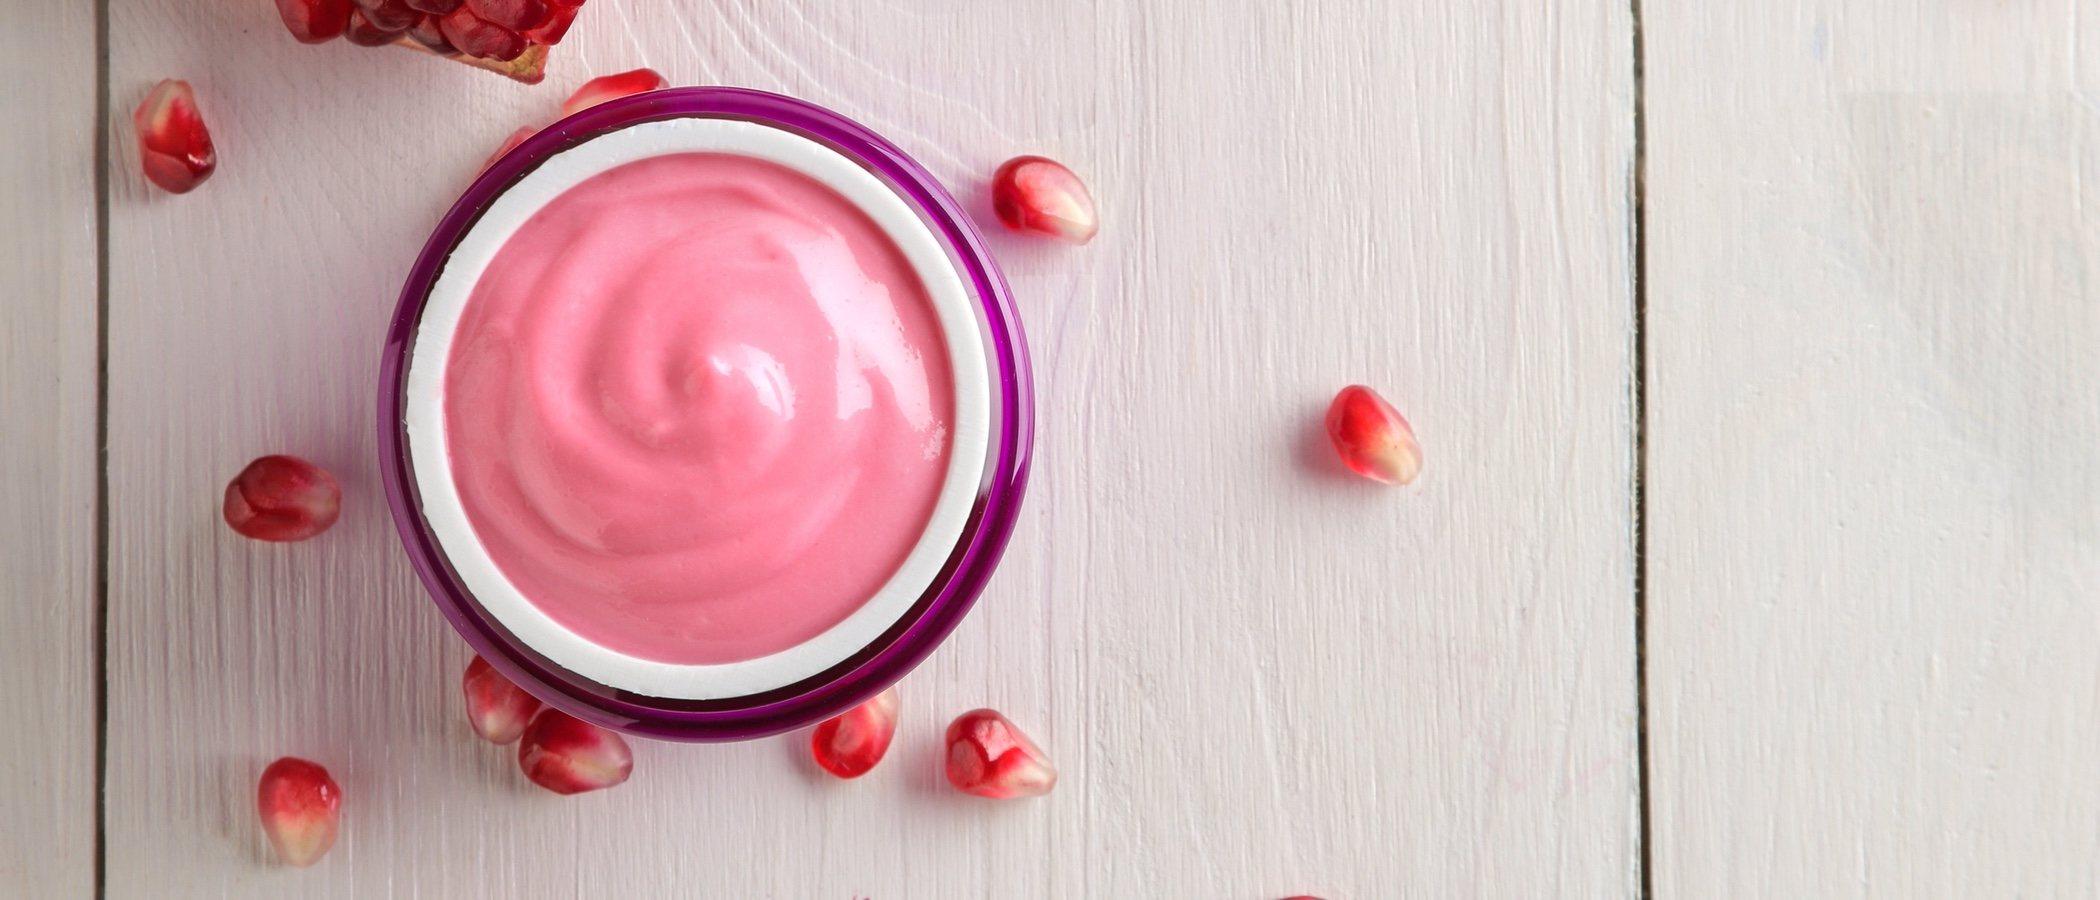 Beneficios de la leche hidratante de frambuesa